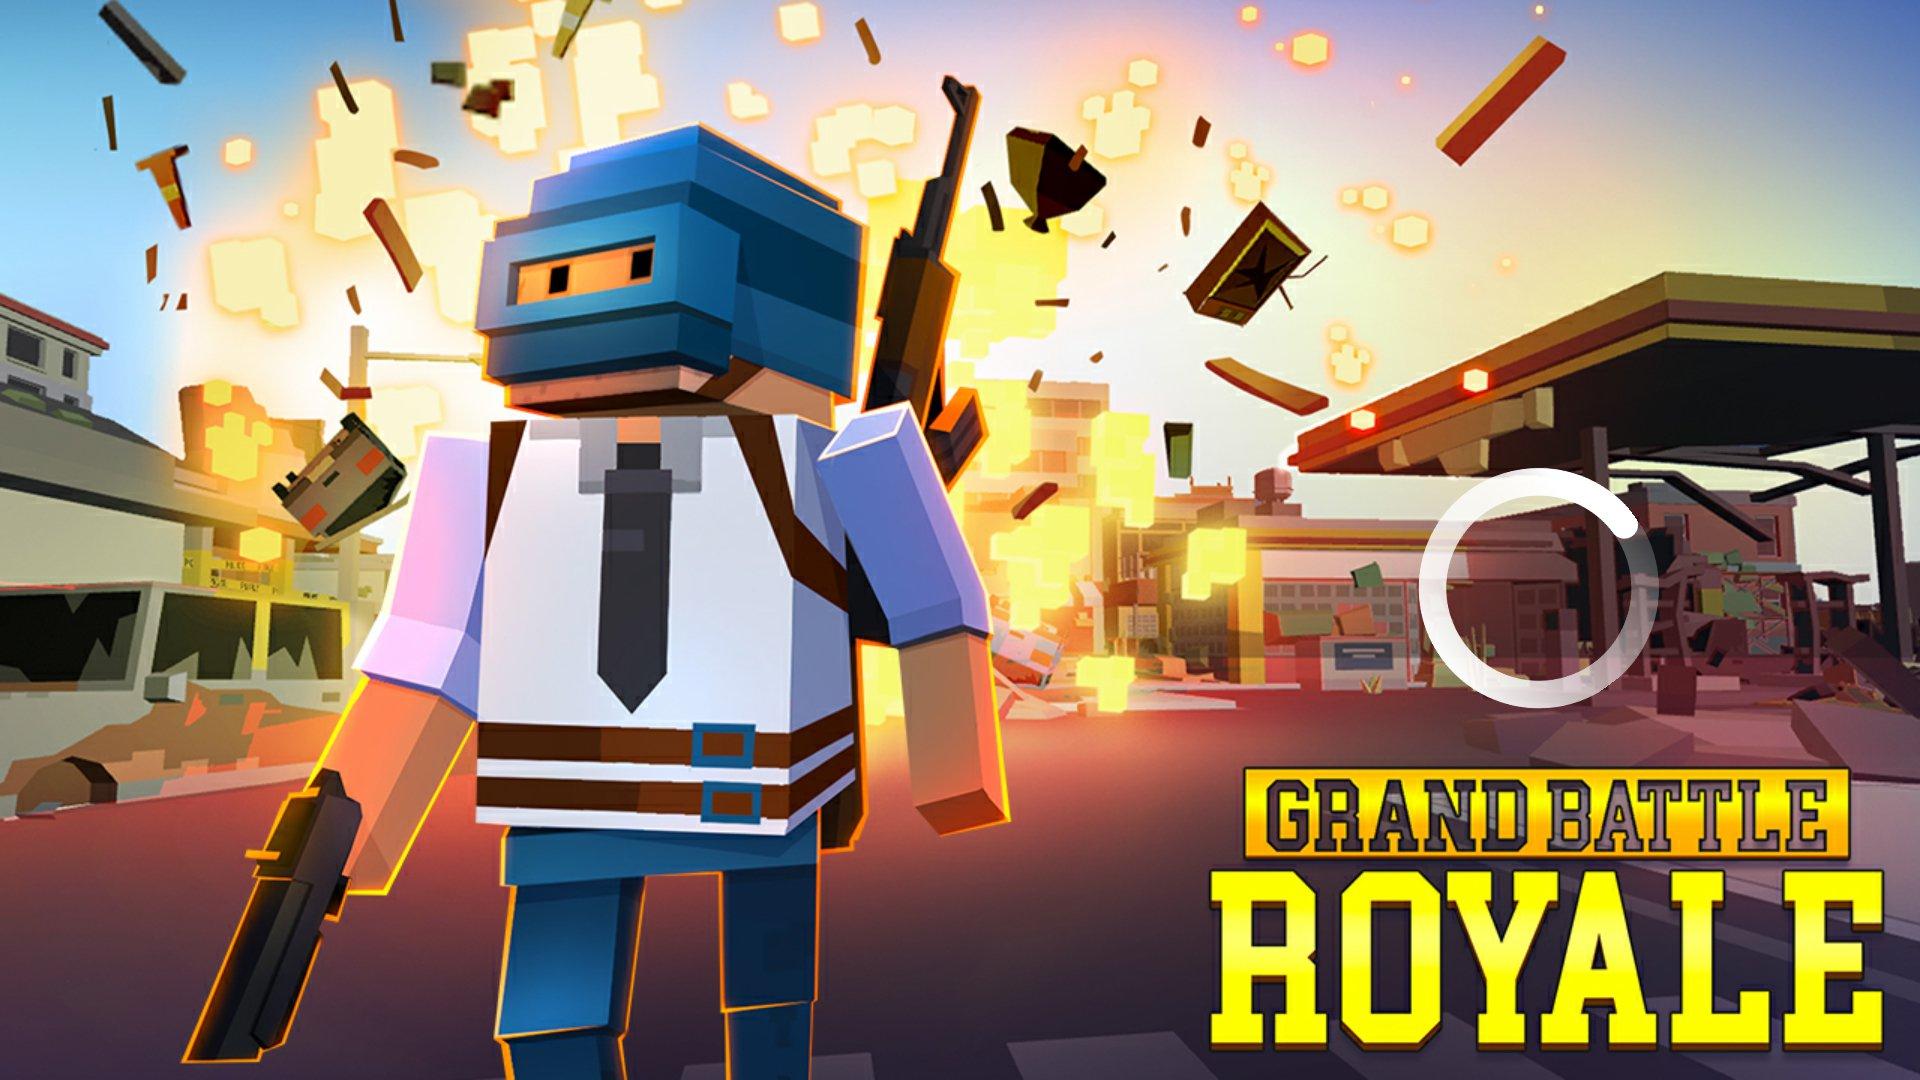 Grand Battle Royale 3.4.3 - Télécharger Pour Android Apk tout Jeux De Grand Gratuit